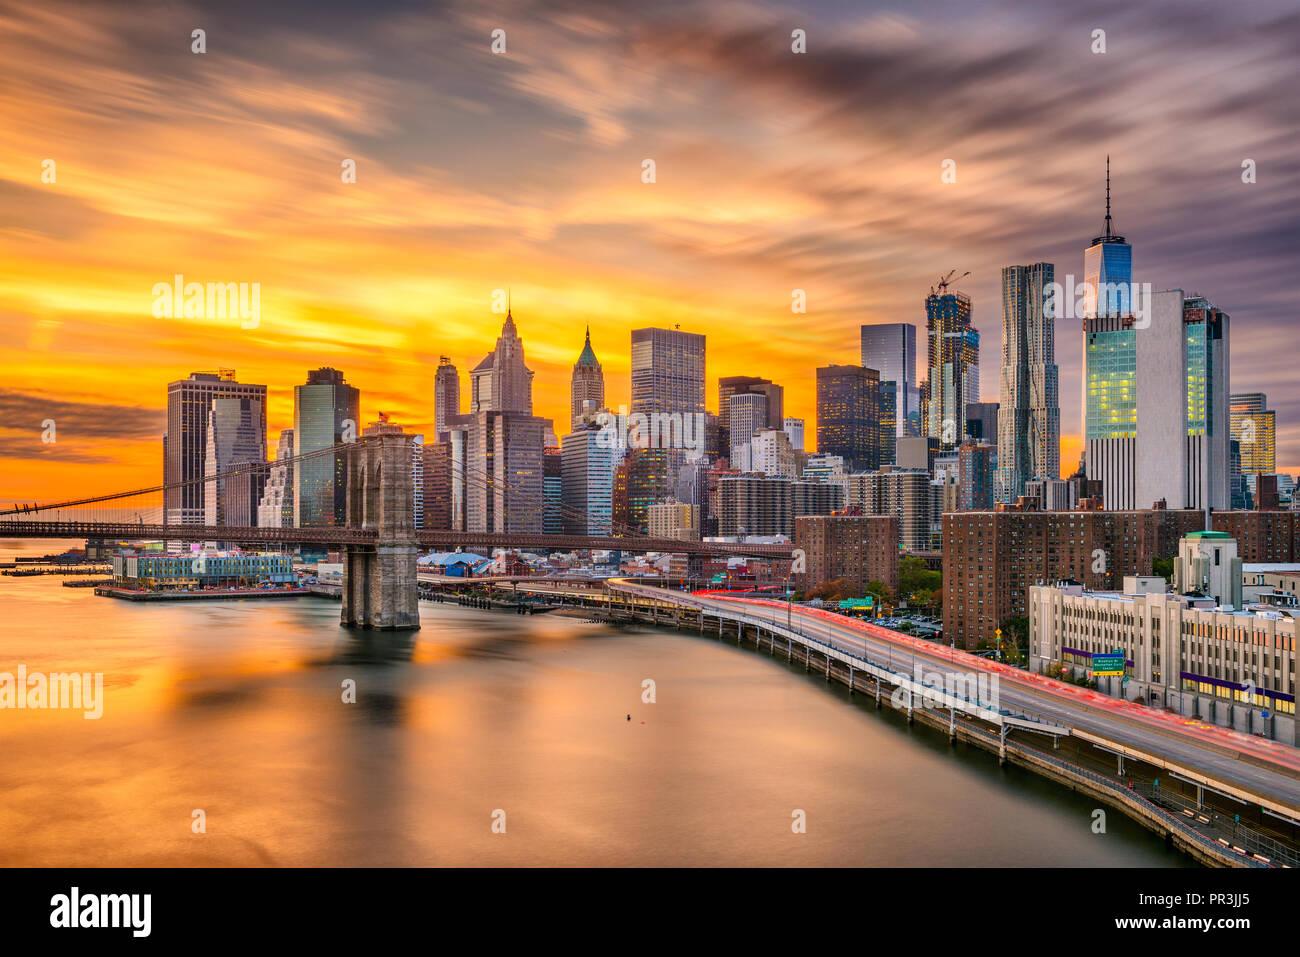 Nueva York, Nueva York, Estados Unidos lower Manhattan skyline sobre el East River, con el puente de Brooklyn después del atardecer. Imagen De Stock